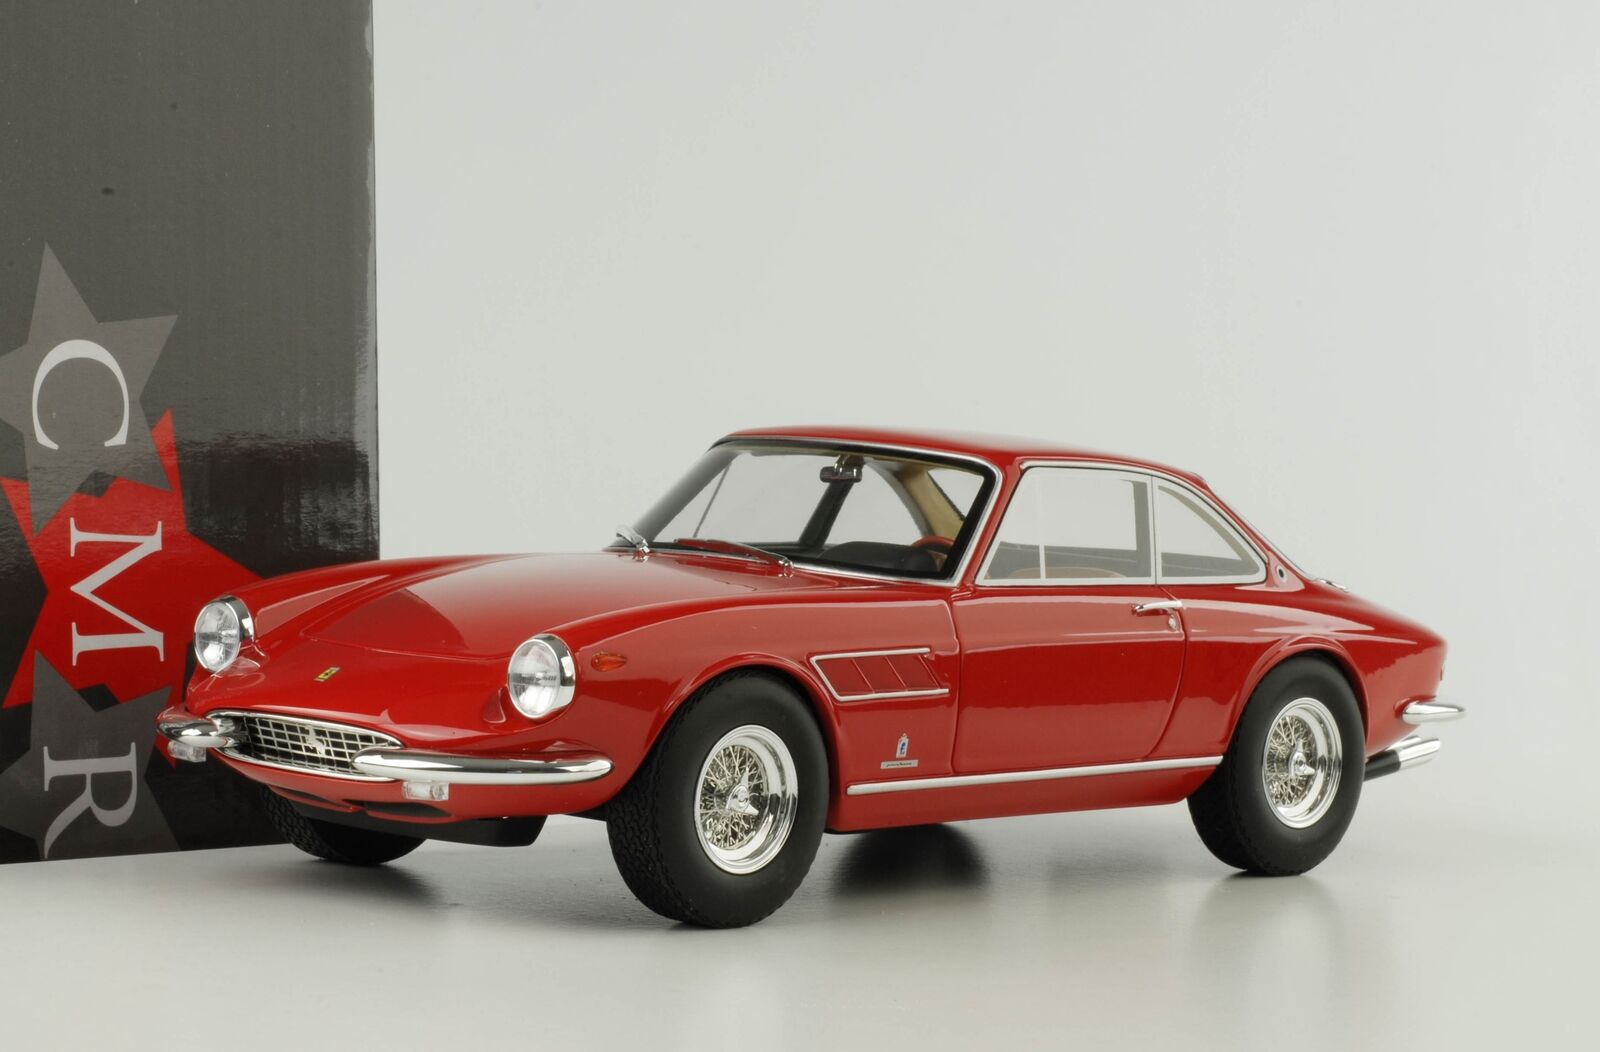 la calidad primero los consumidores primero Ferrari 330 GTC 1966 1968 rojo 1 18 Cmr Cmr Cmr Resin  tomar hasta un 70% de descuento